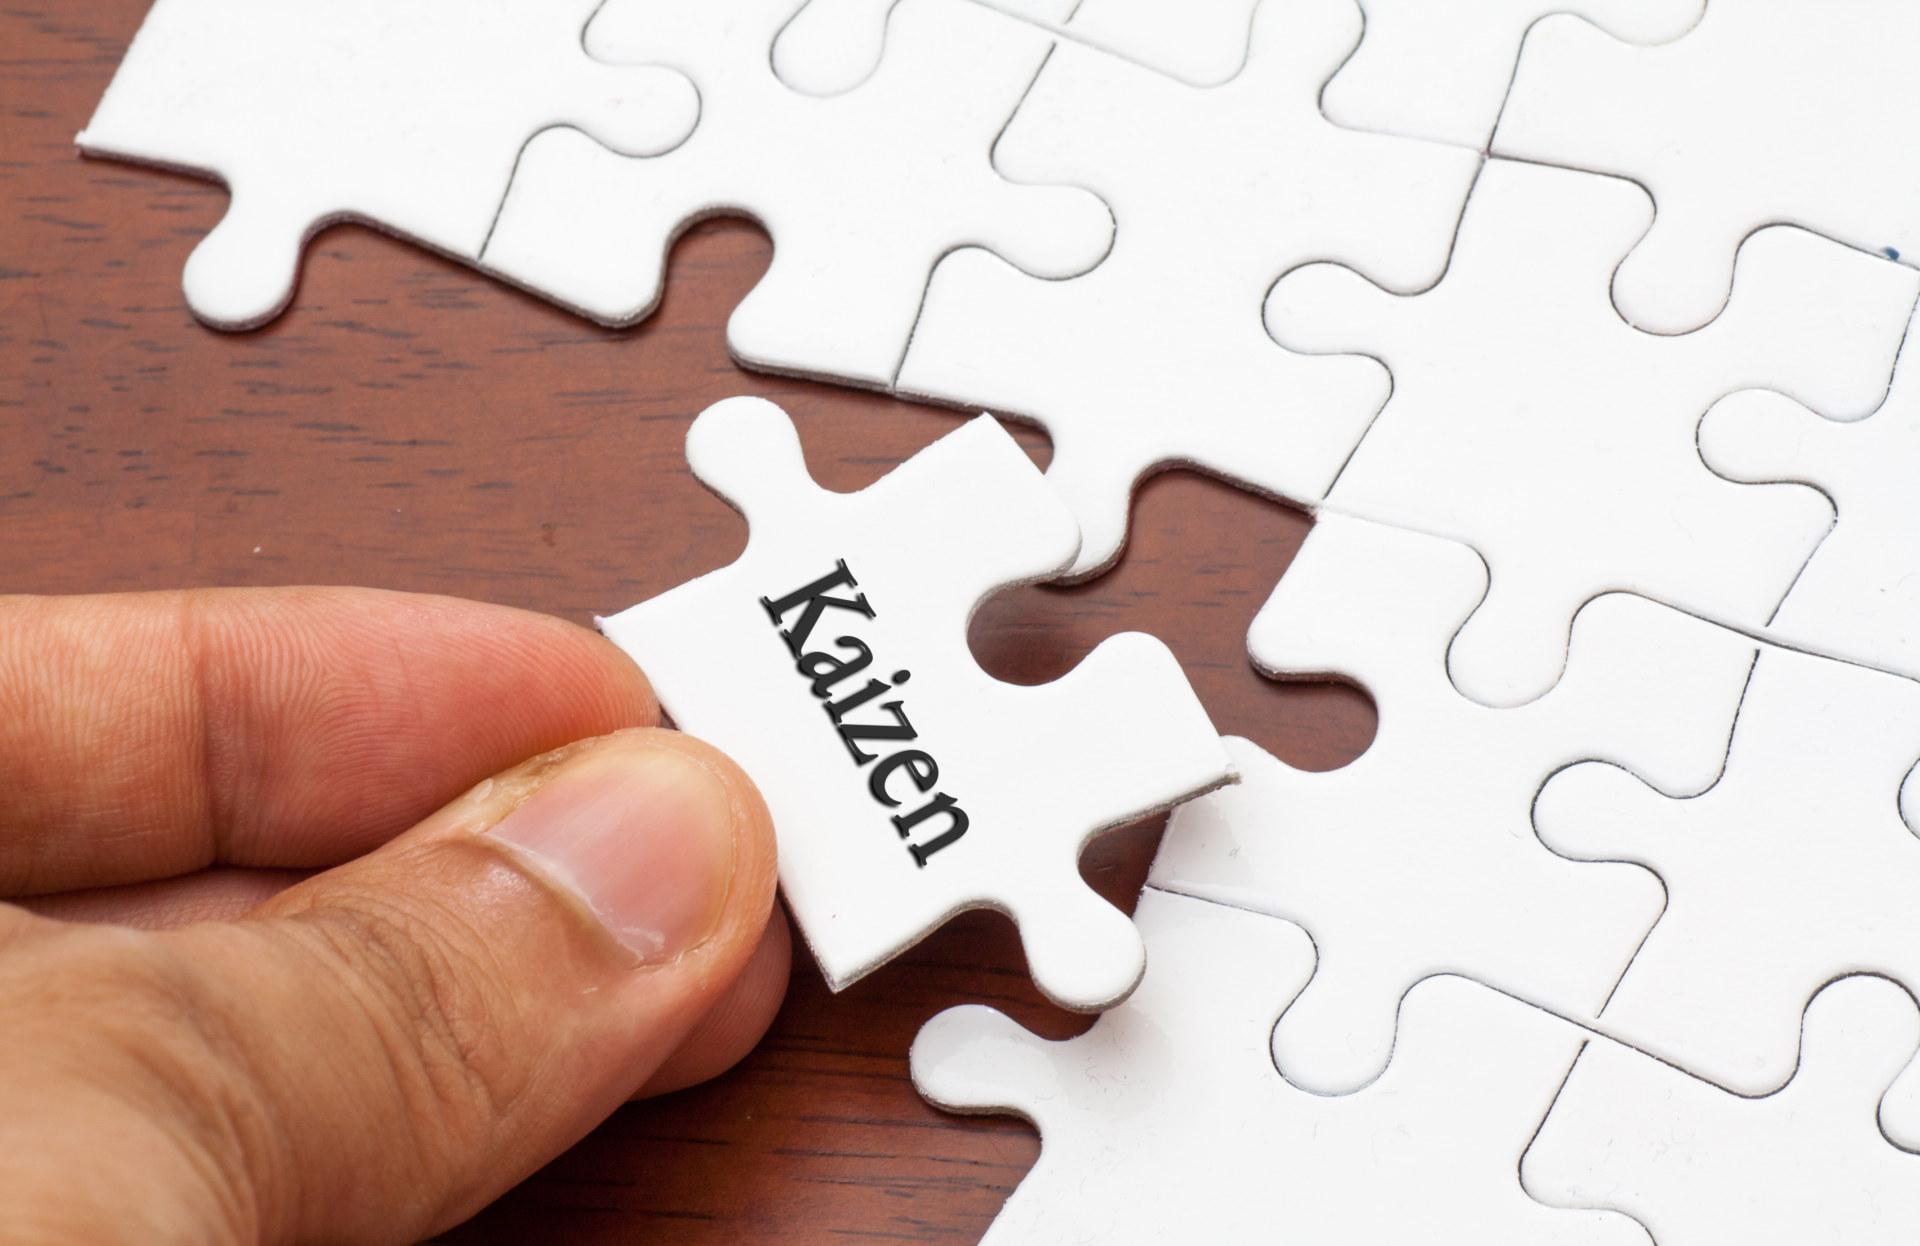 Białe puzzle ułożone na brązowym stole. Jeden z puzzli z napisem Kaizen trzymany w palcach.